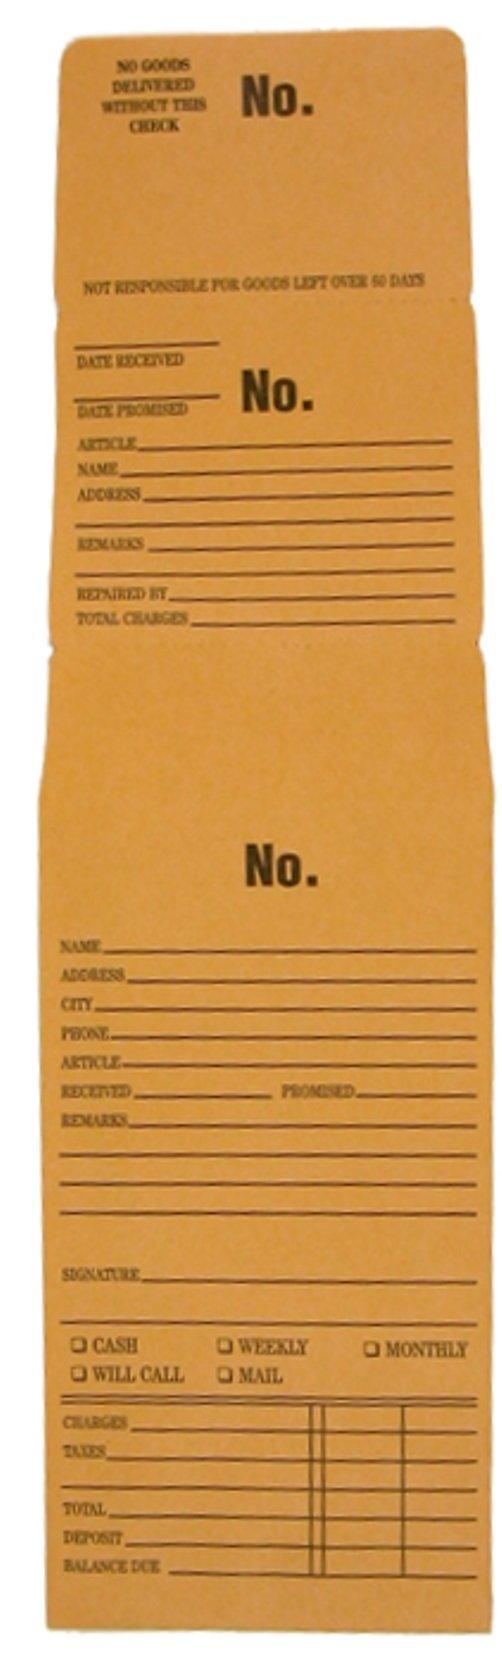 Numbered Envelopes 1-1000 No Lay Away Box Of 1,000